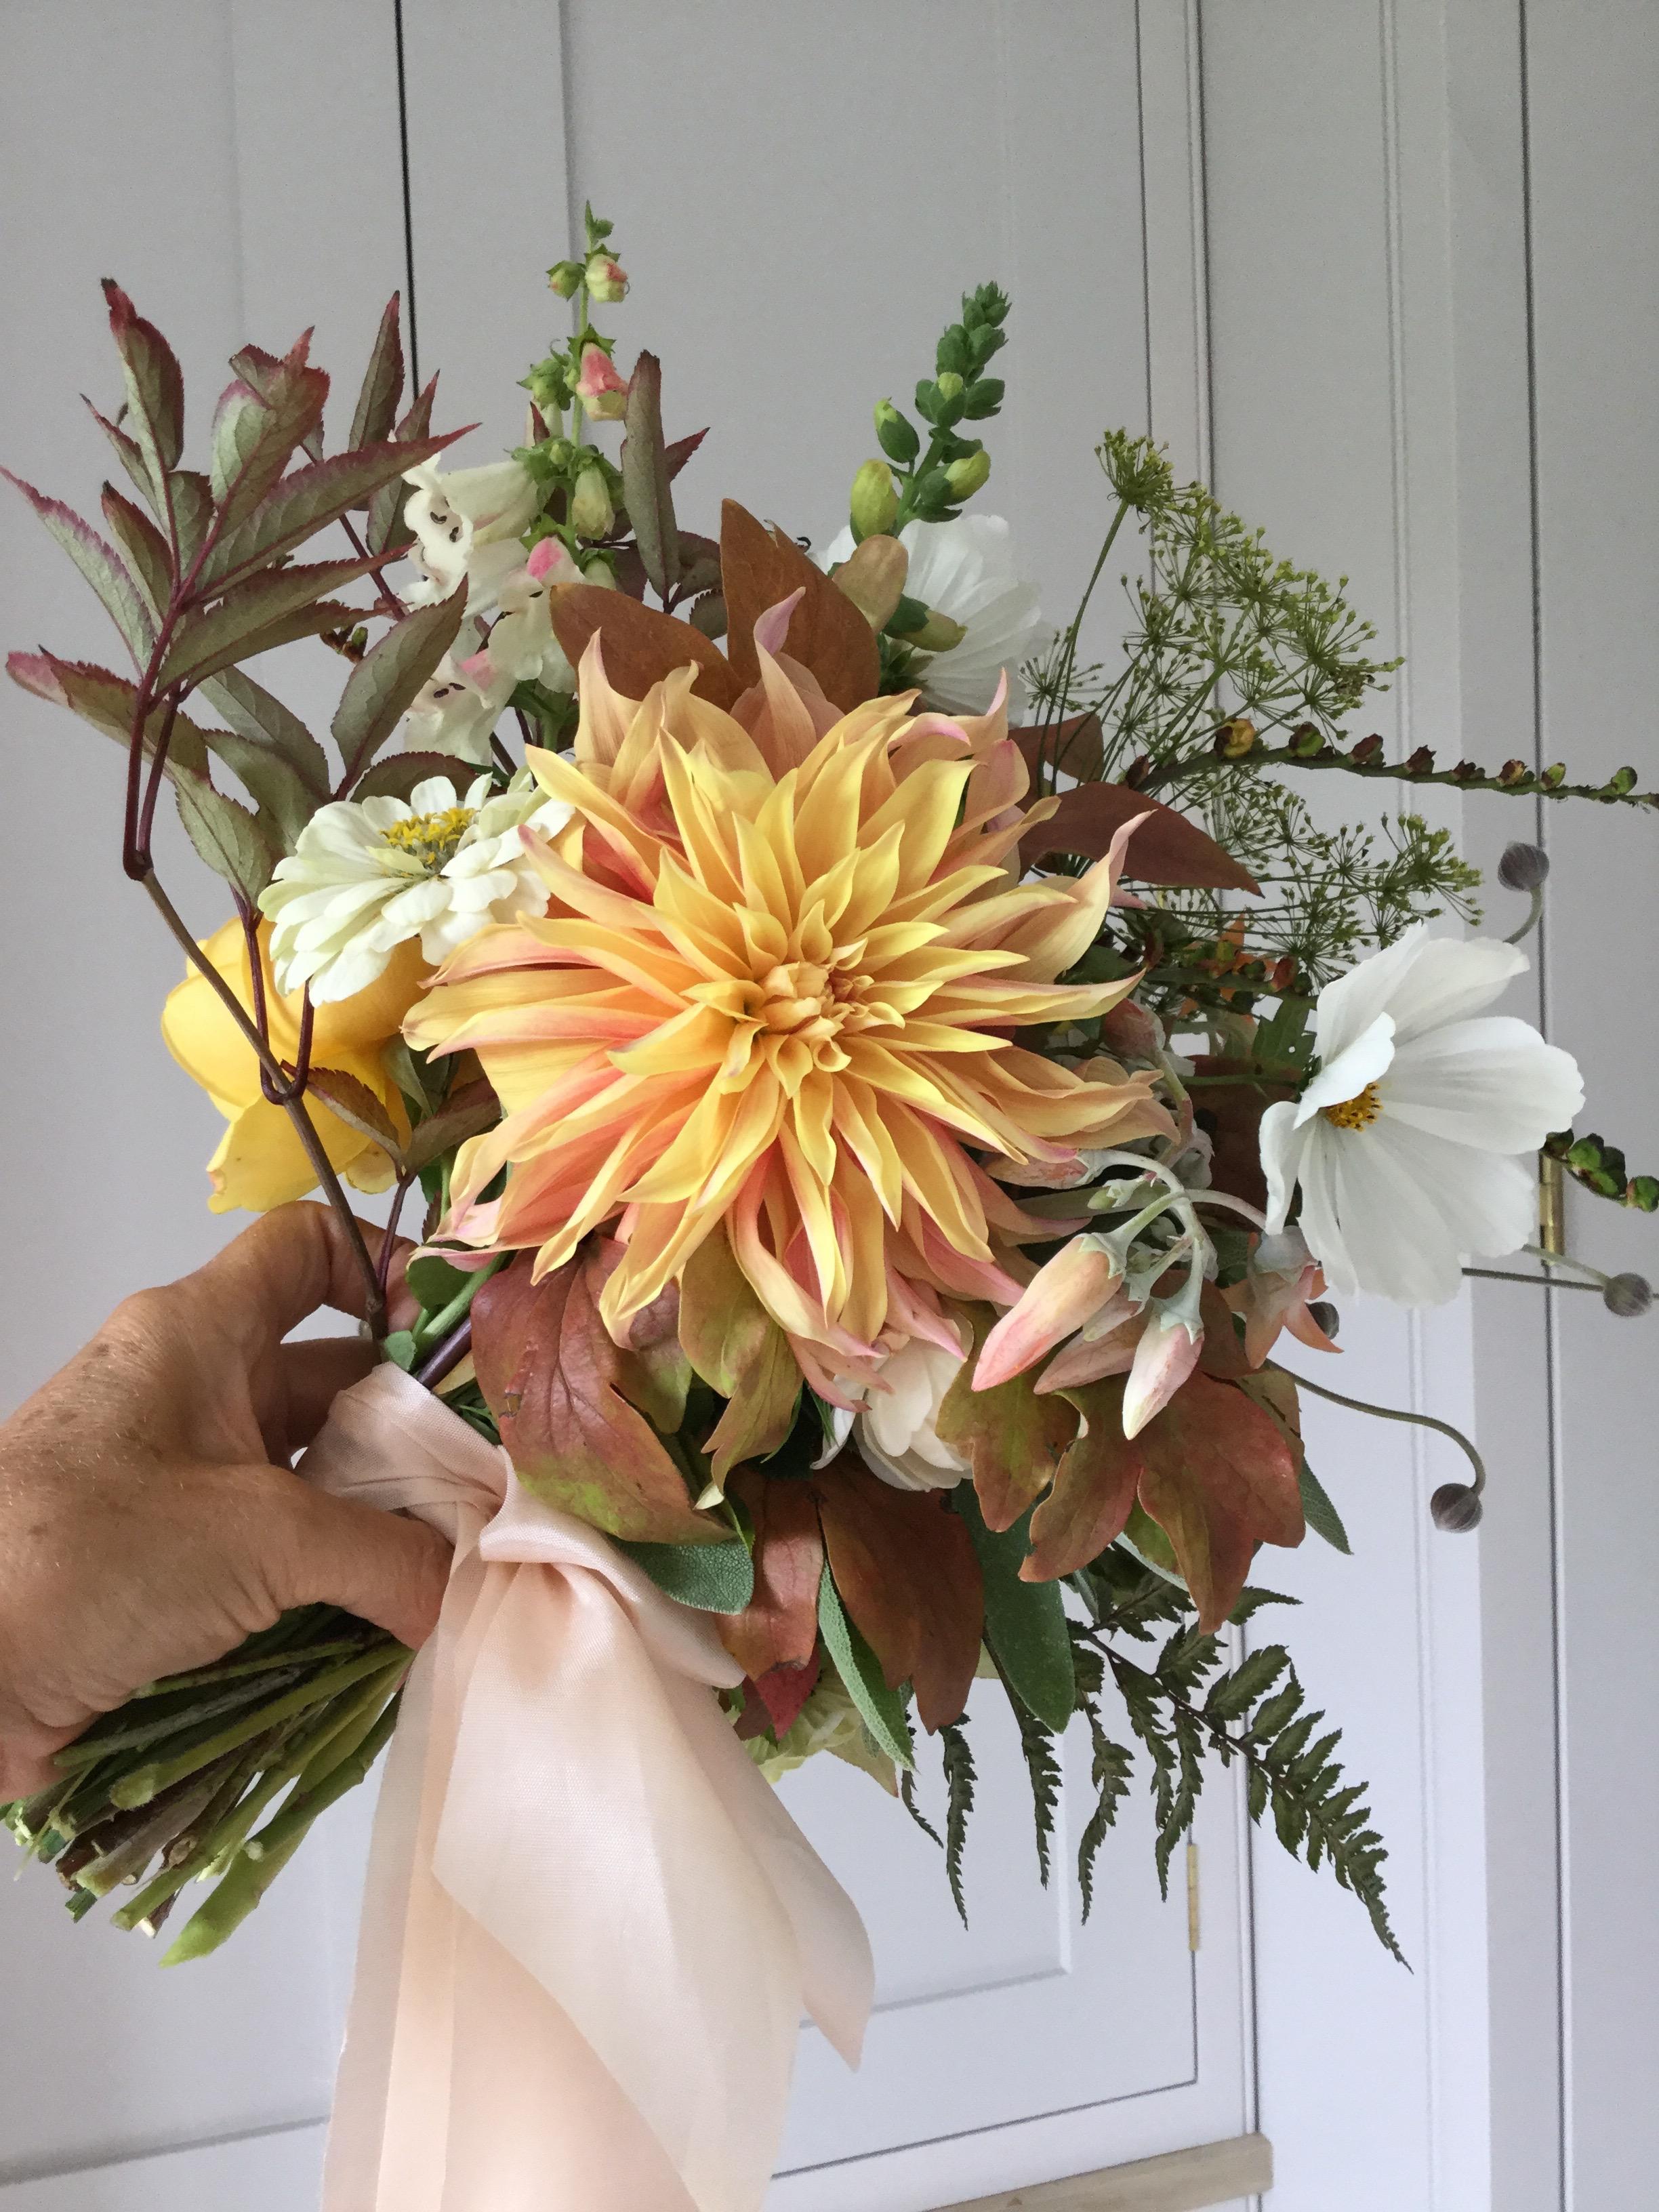 dahlia and cosmos garden bouquet